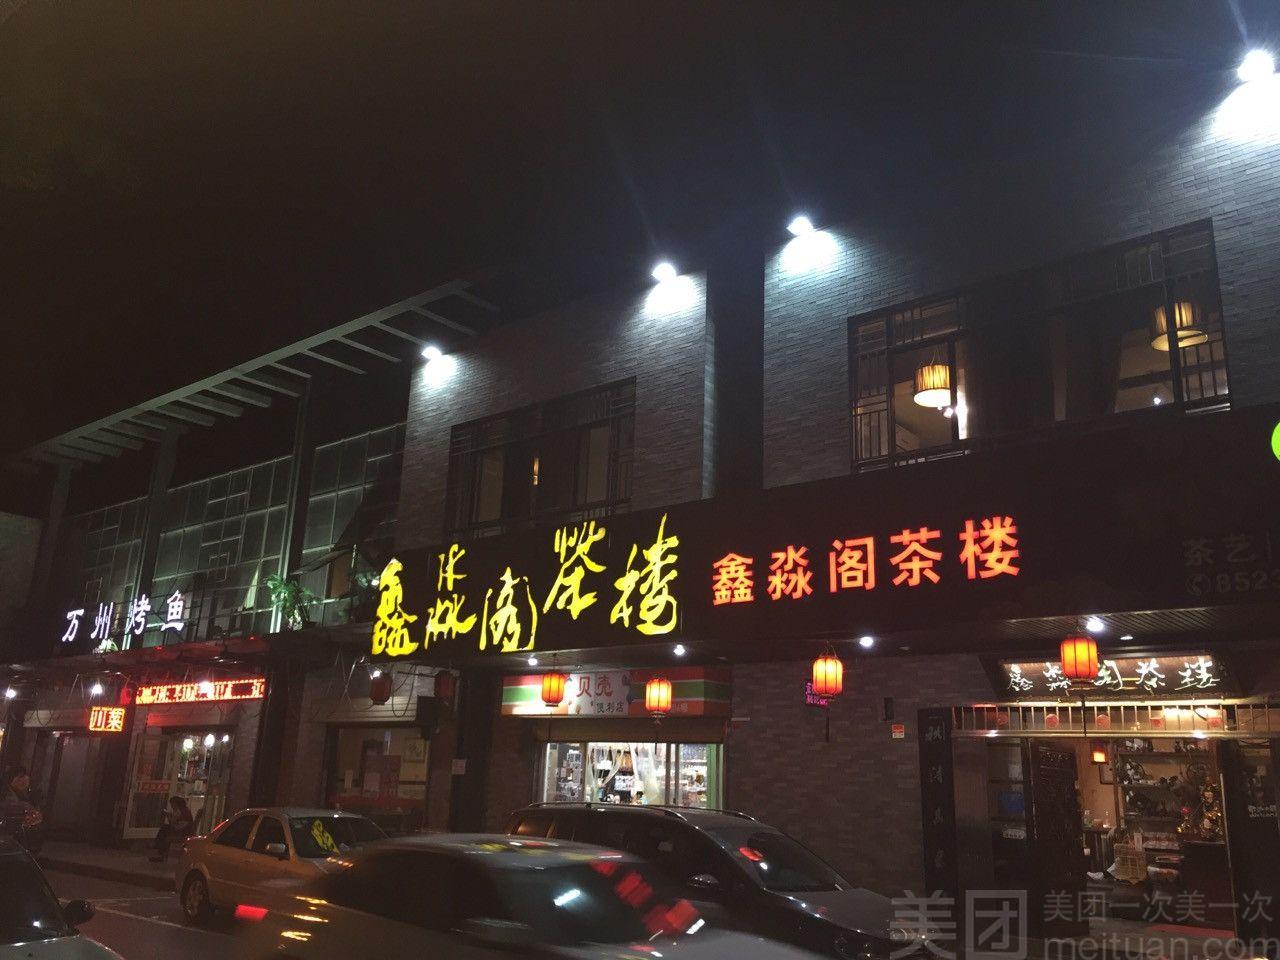 鑫淼阁茶楼-美团